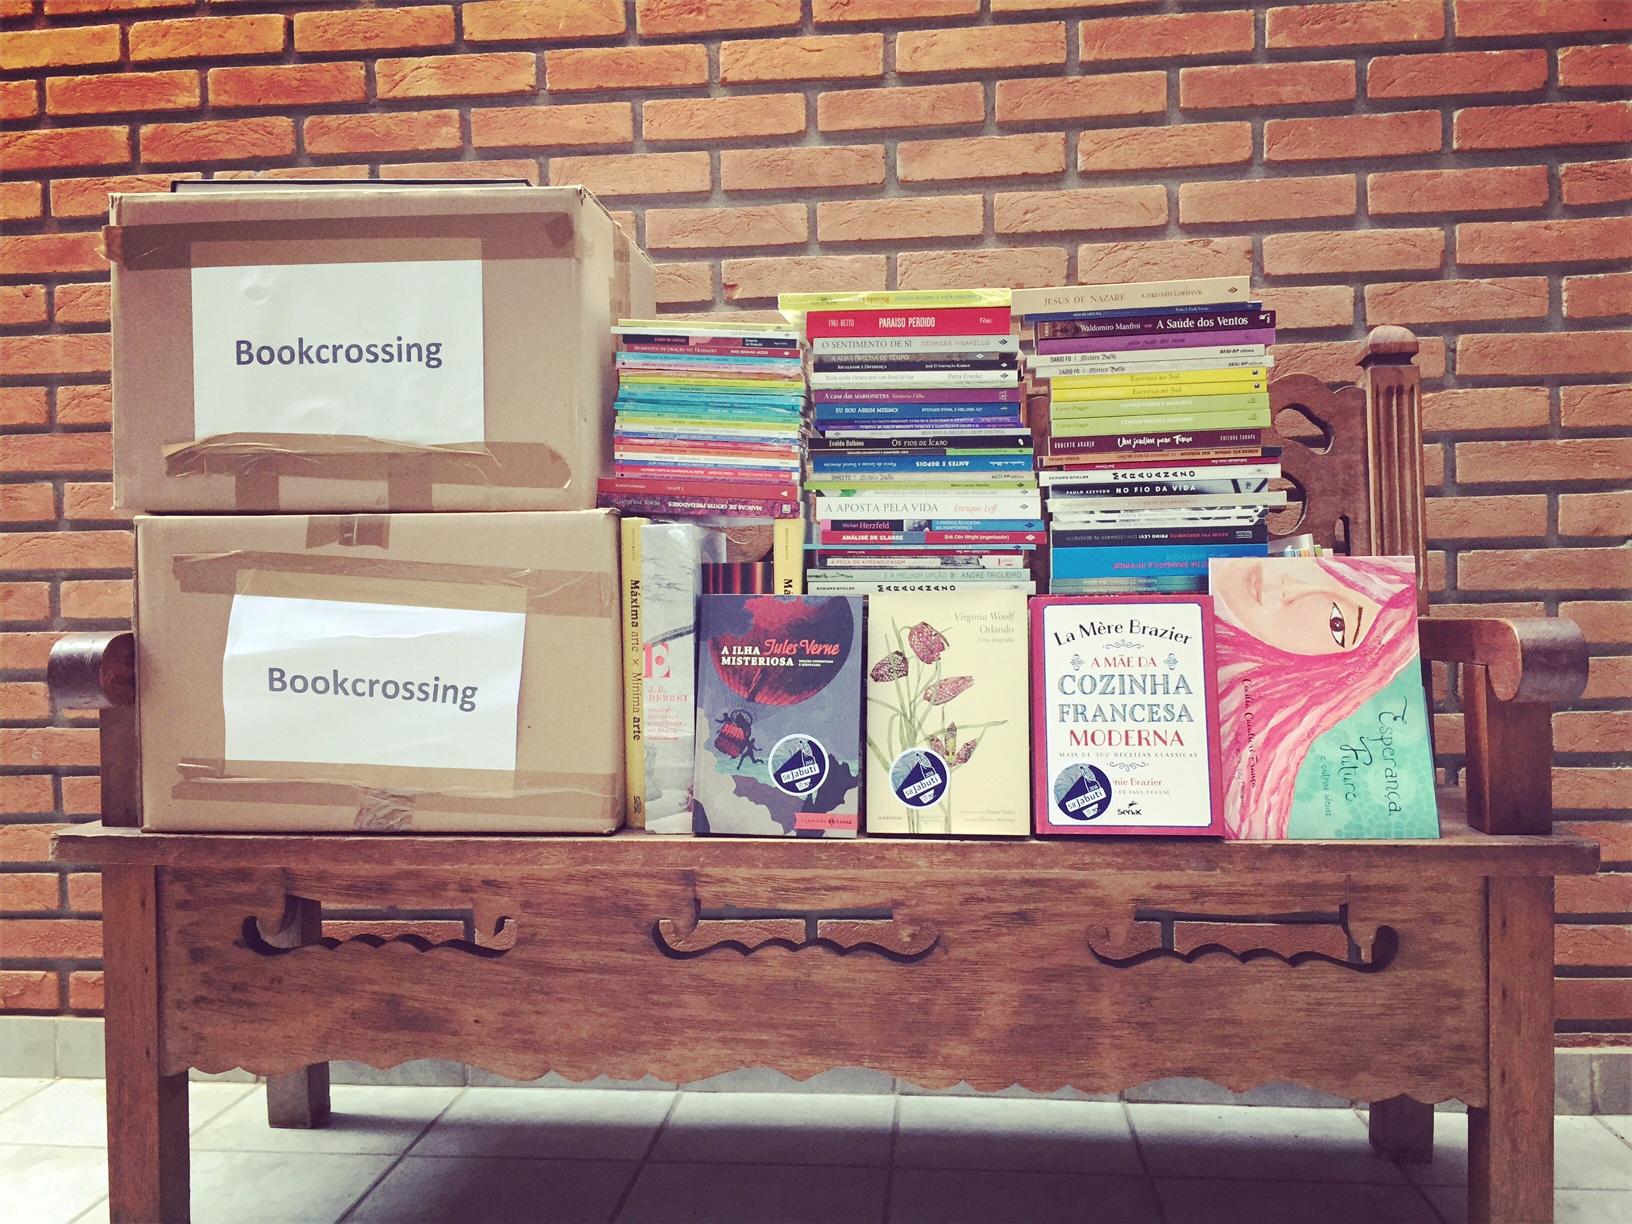 BookCrossing_Prêmio_Jabuti